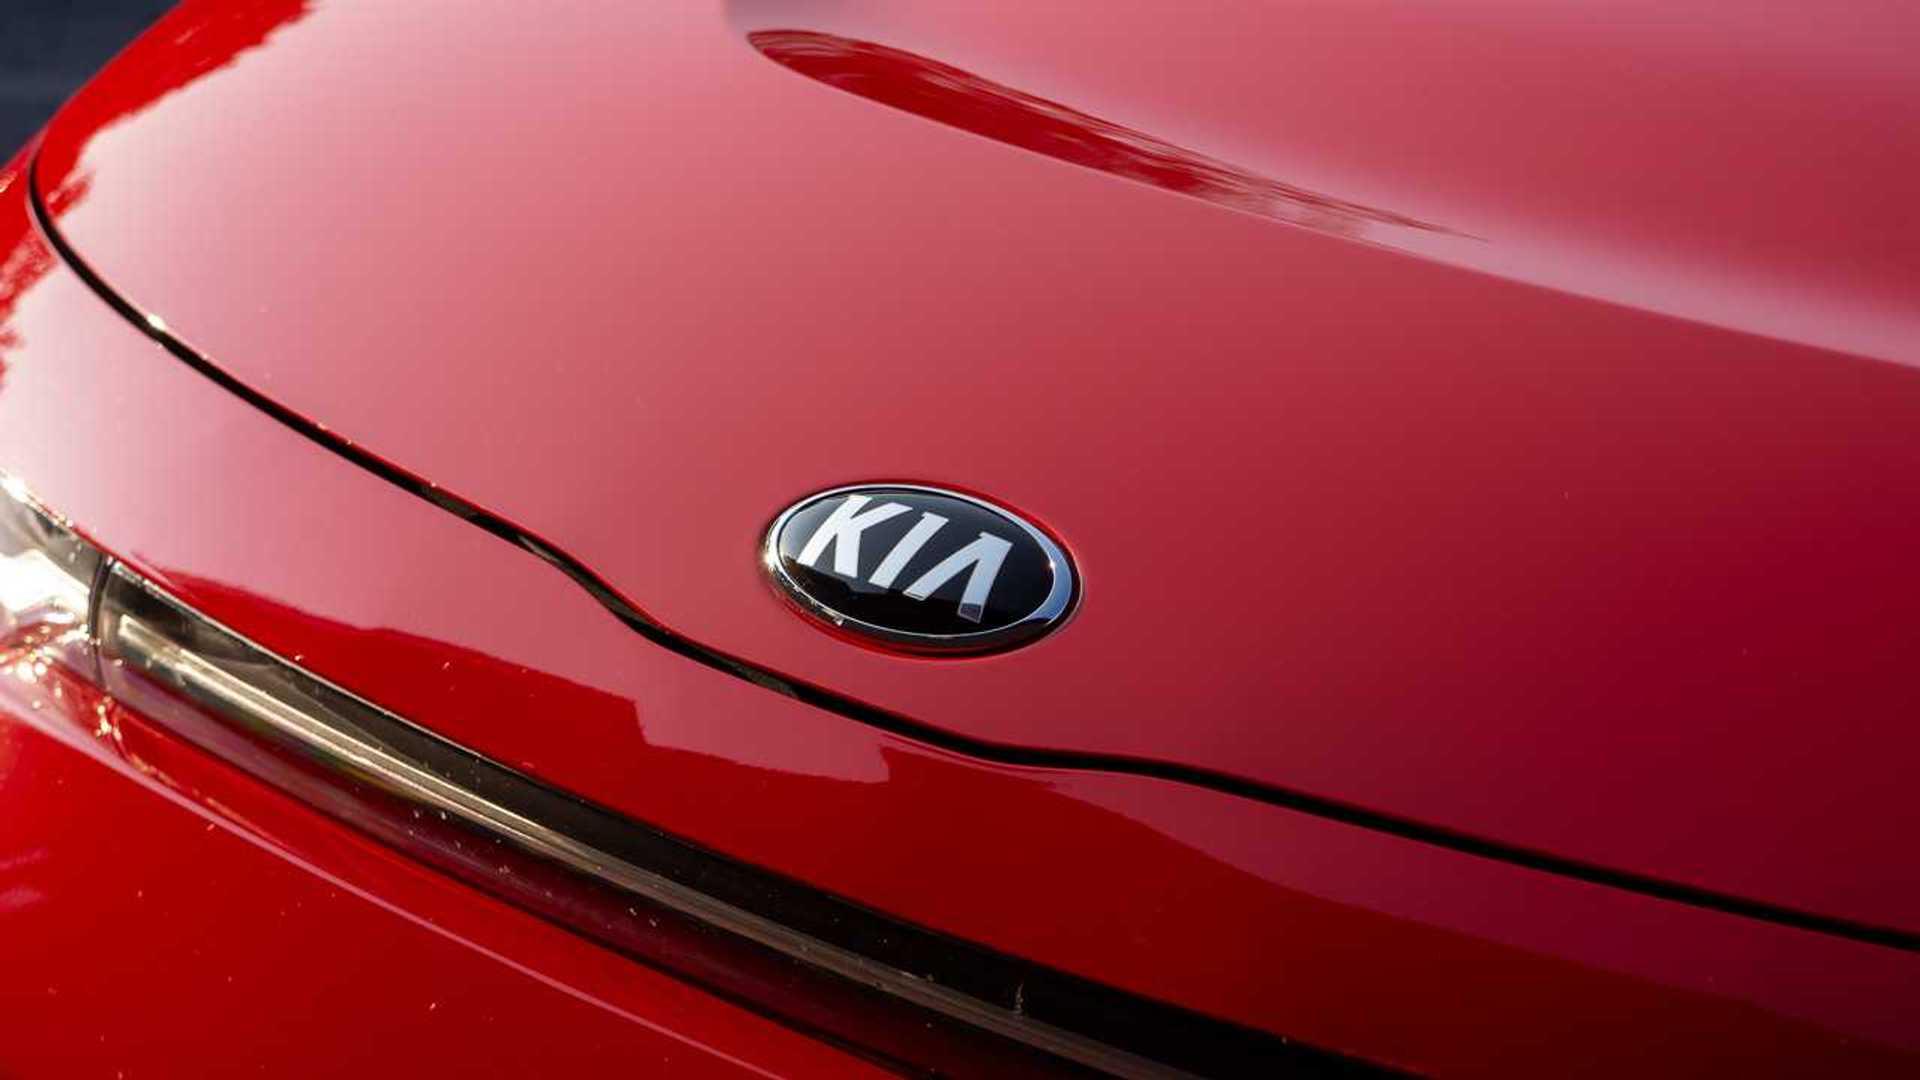 Kia Debuting Mystery Vehicle At LA Auto Show